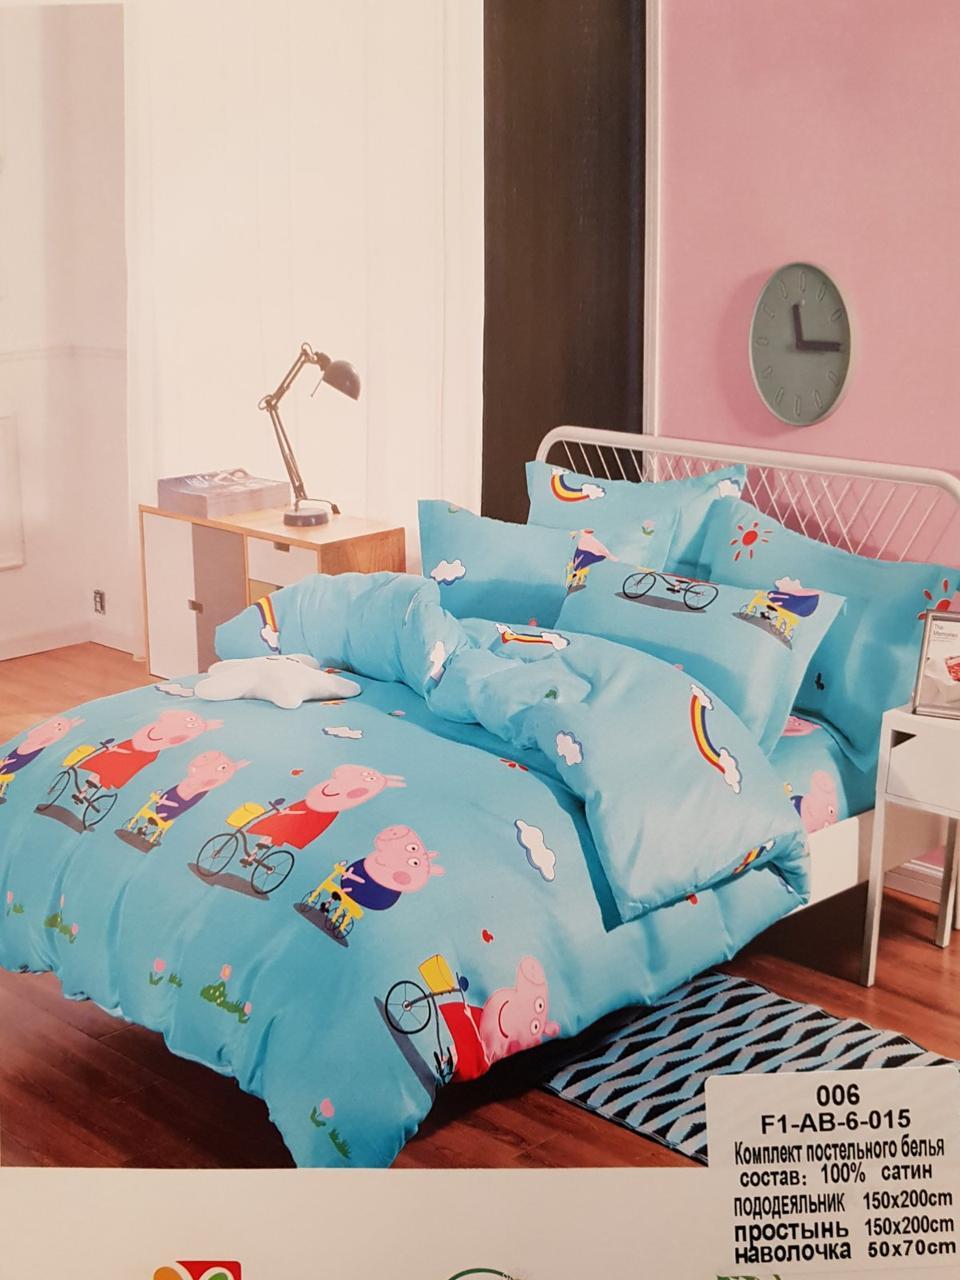 Набор подросткового постельного белья